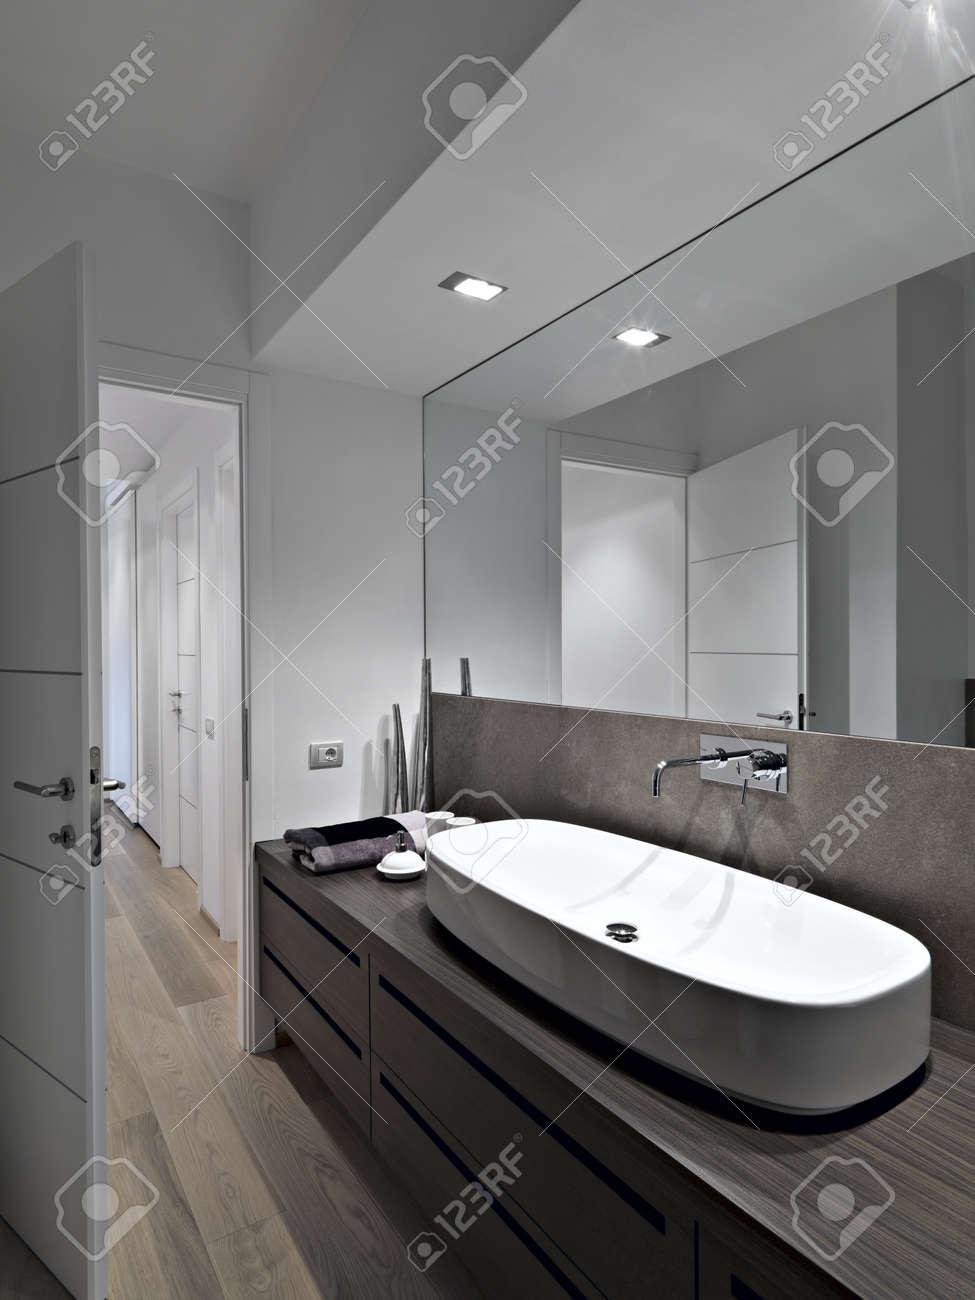 Lavabo en un cuarto de baño moderno